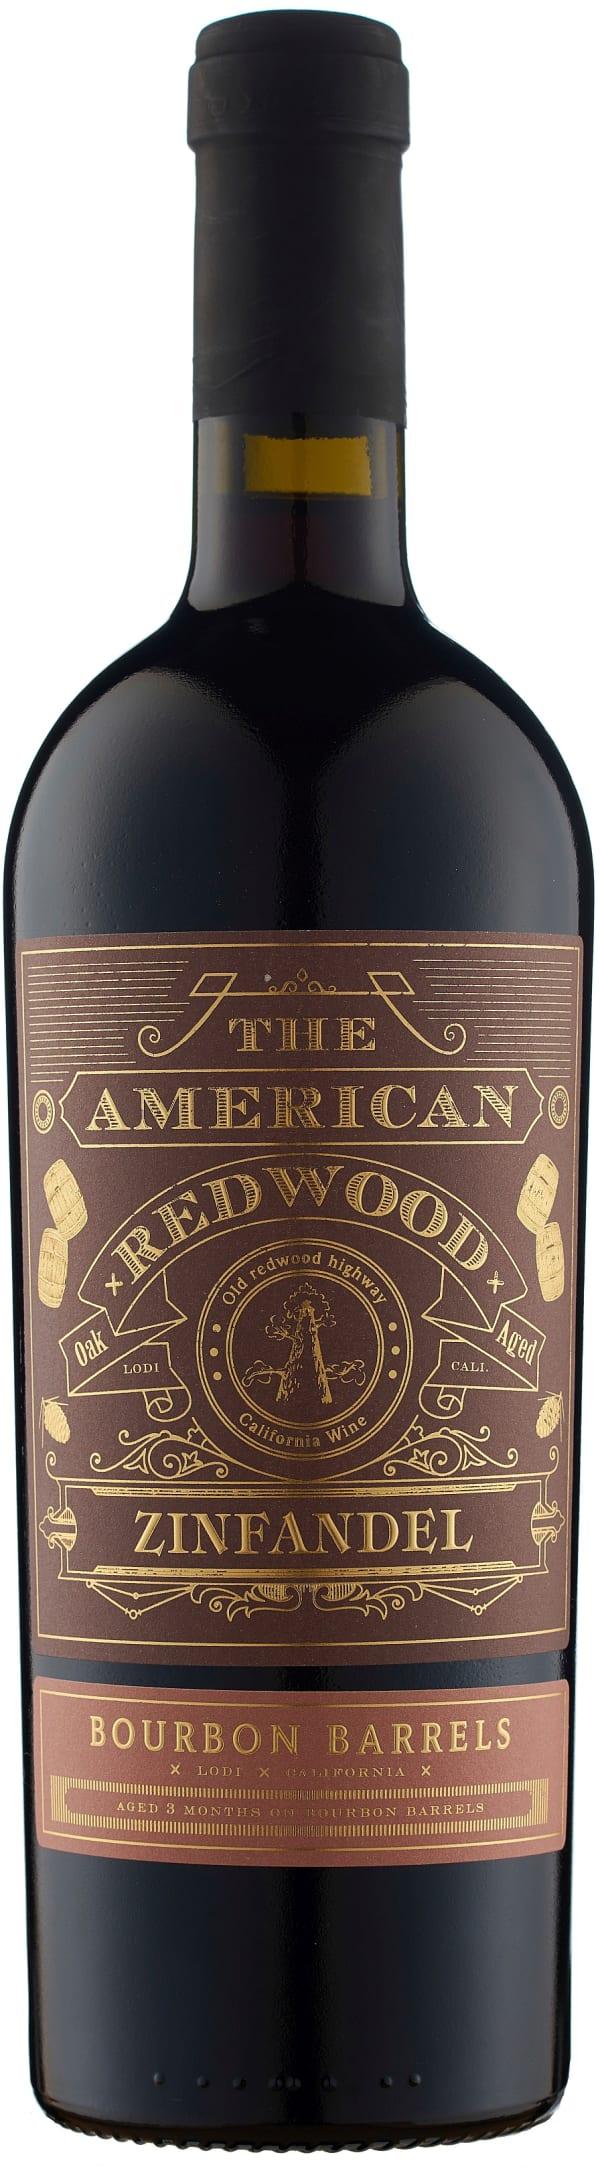 American Redwood Zinfandel Bourbon Barrels 2017